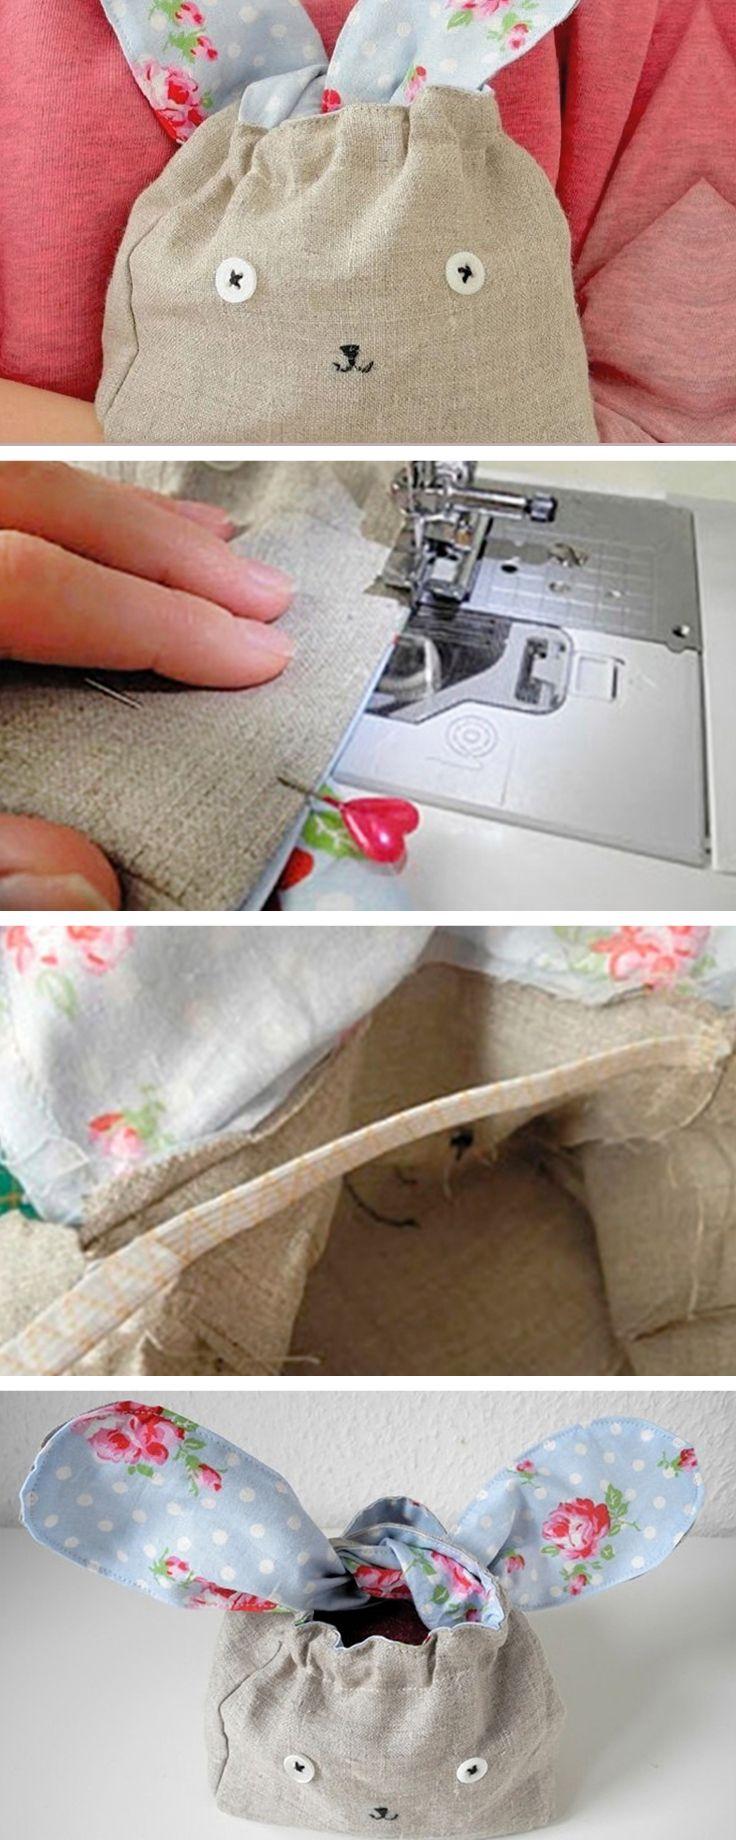 Un sac #lapin à coudre pour #pâques , parfait pour vos chasses aux oeufs ! Découvrez ici le Tutoriel DIY #easter